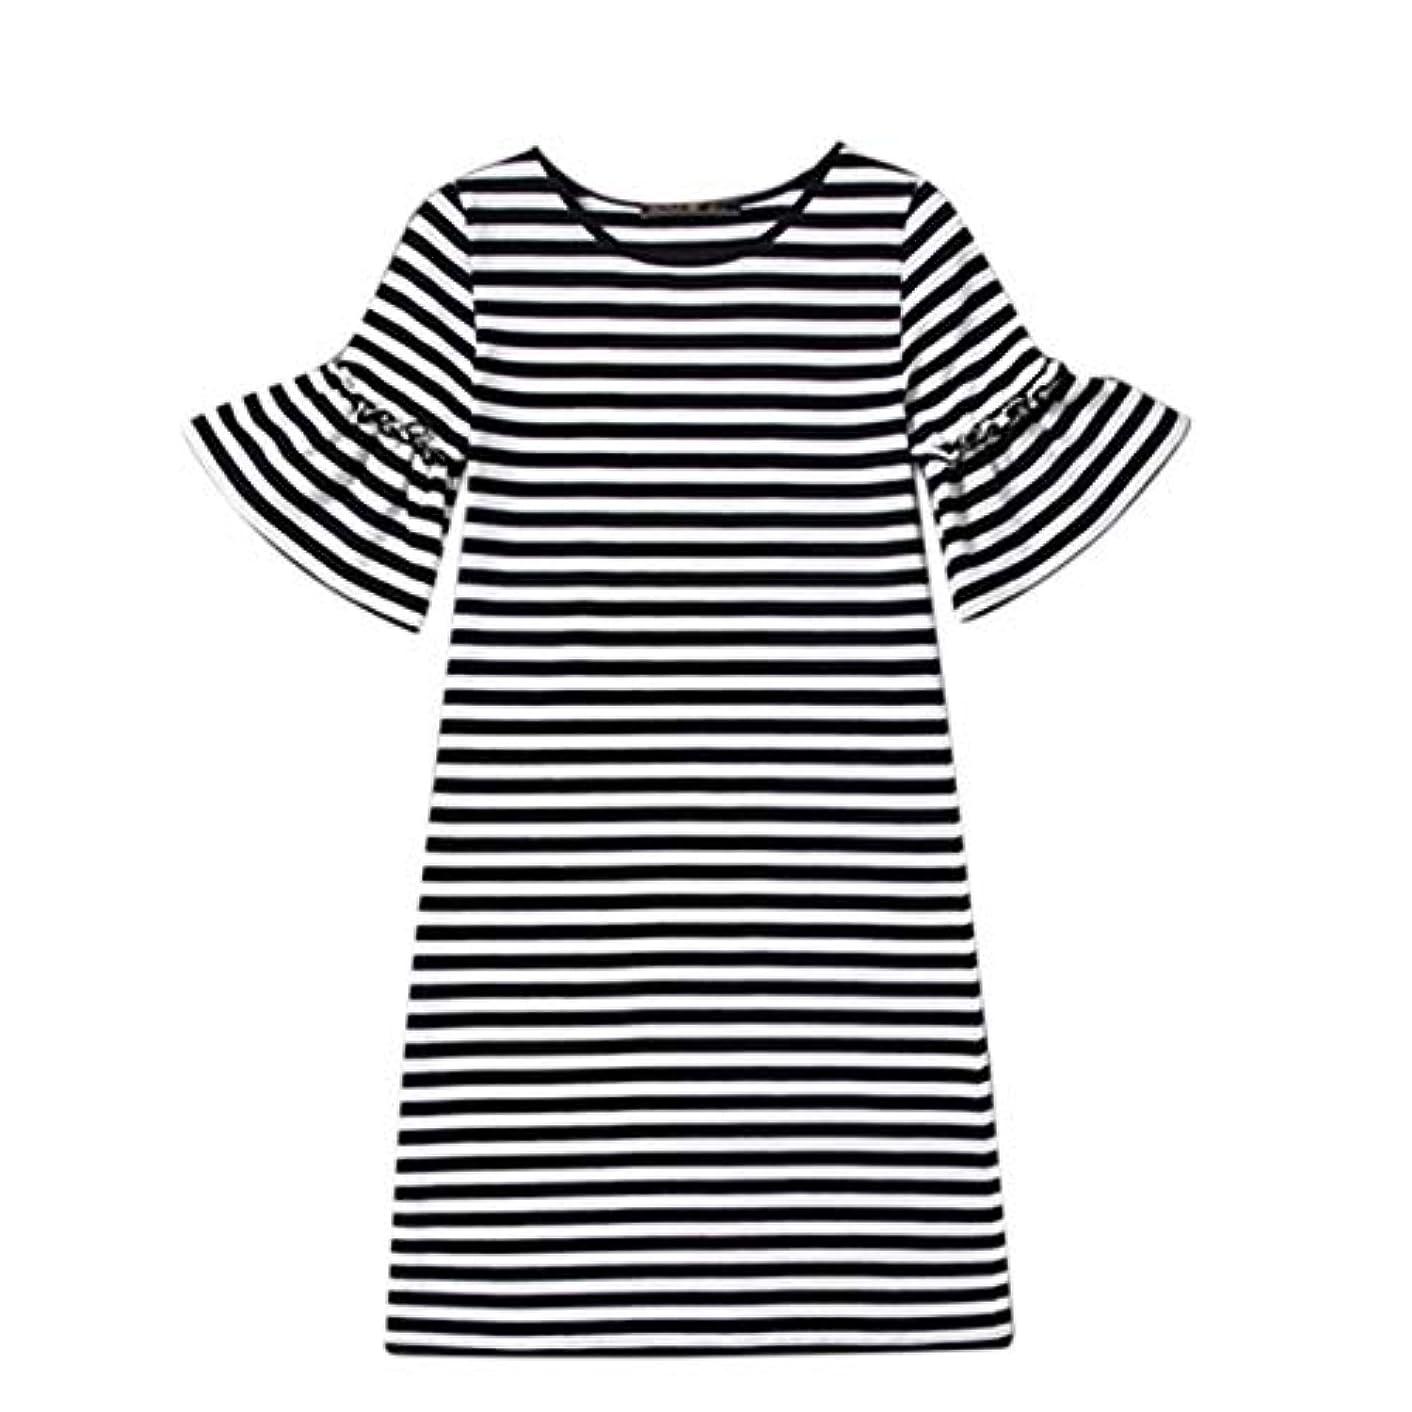 欲しいです論争的滅多Blackfell 女性のドレス半袖長袖のスカートスリムTシャツスカート